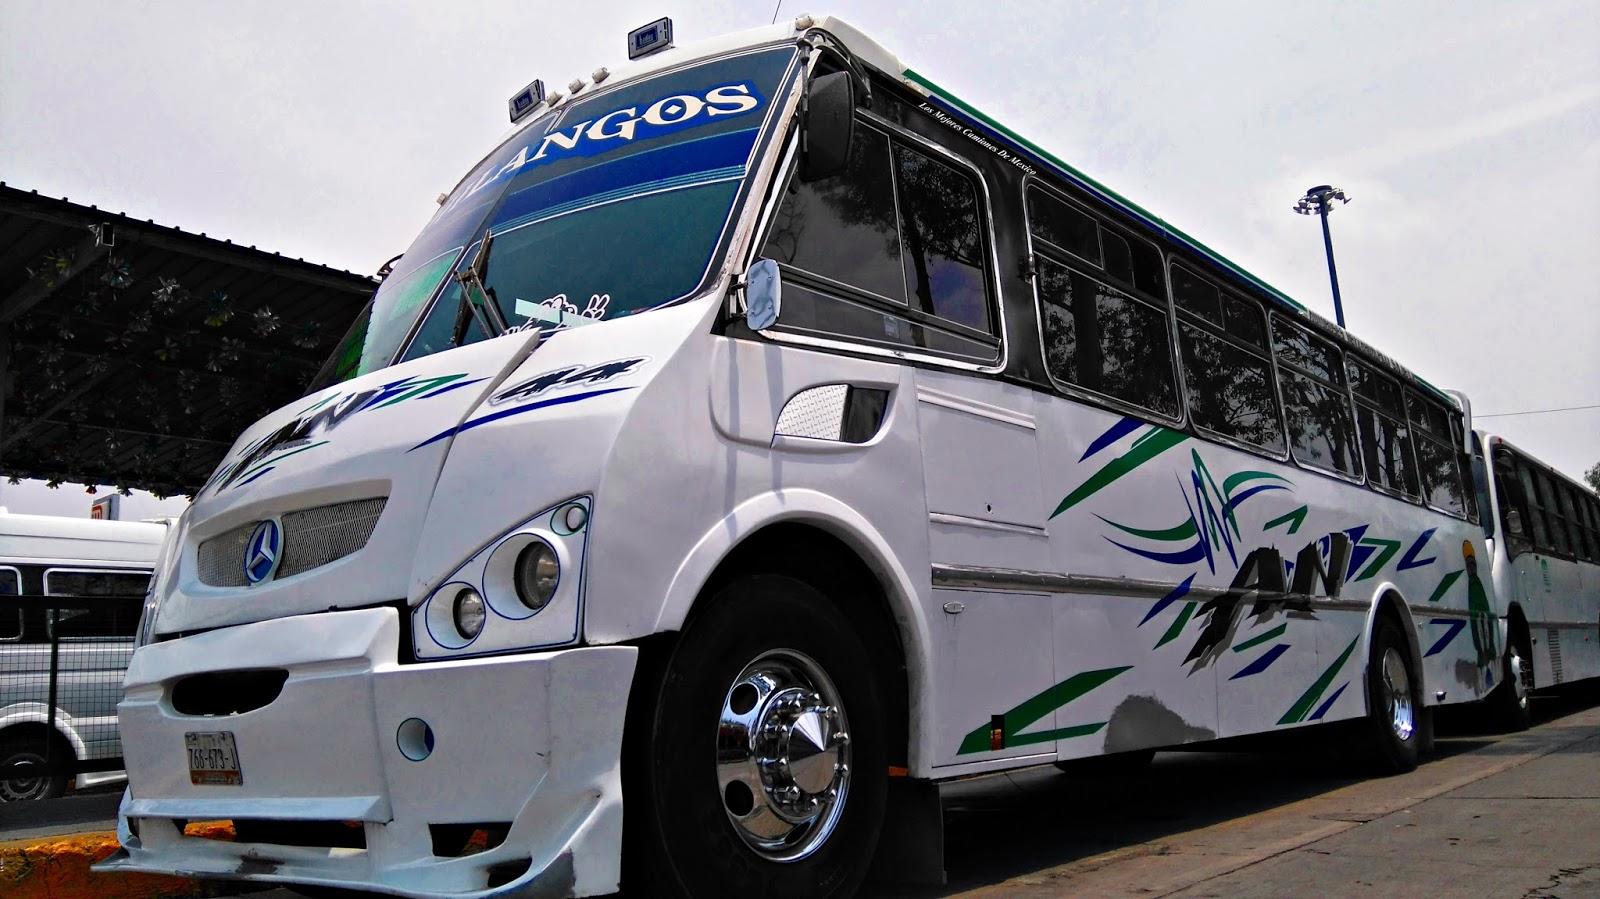 Autobuses edomexdf los mejores camiones de mexico martes for Mercedes benz com mx mexico